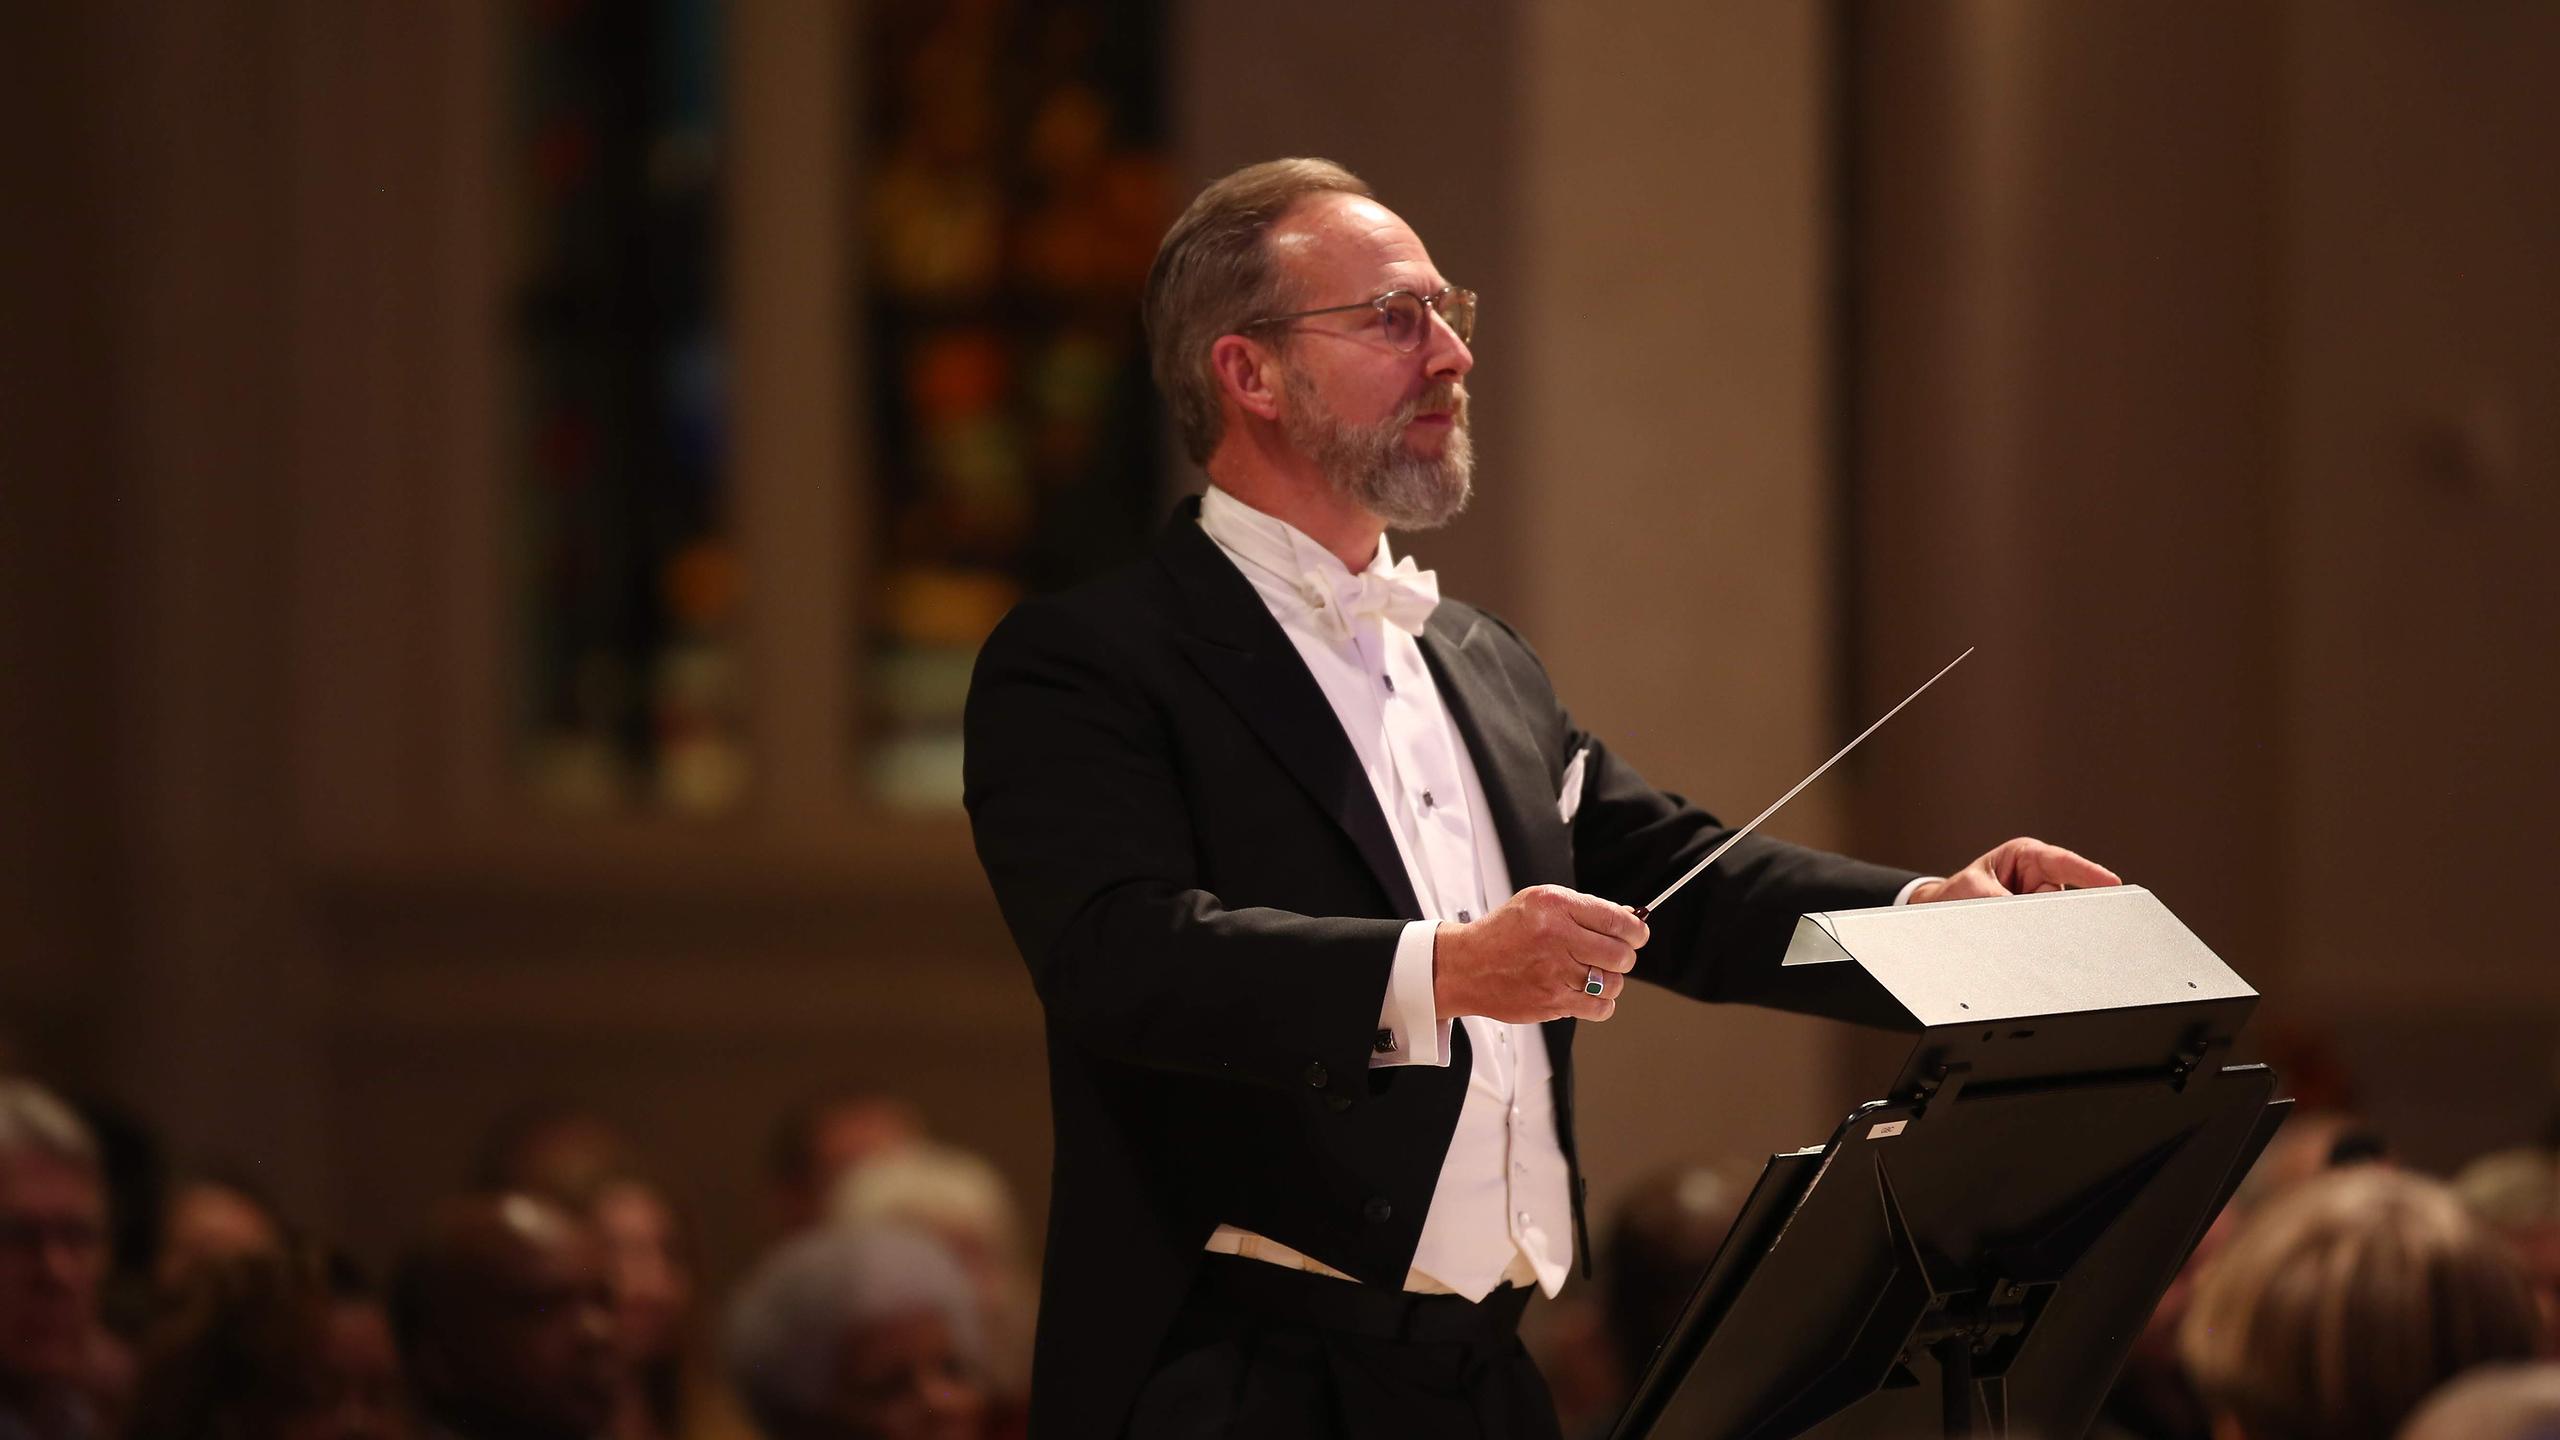 David White conducts the Georgia Boy Choir.